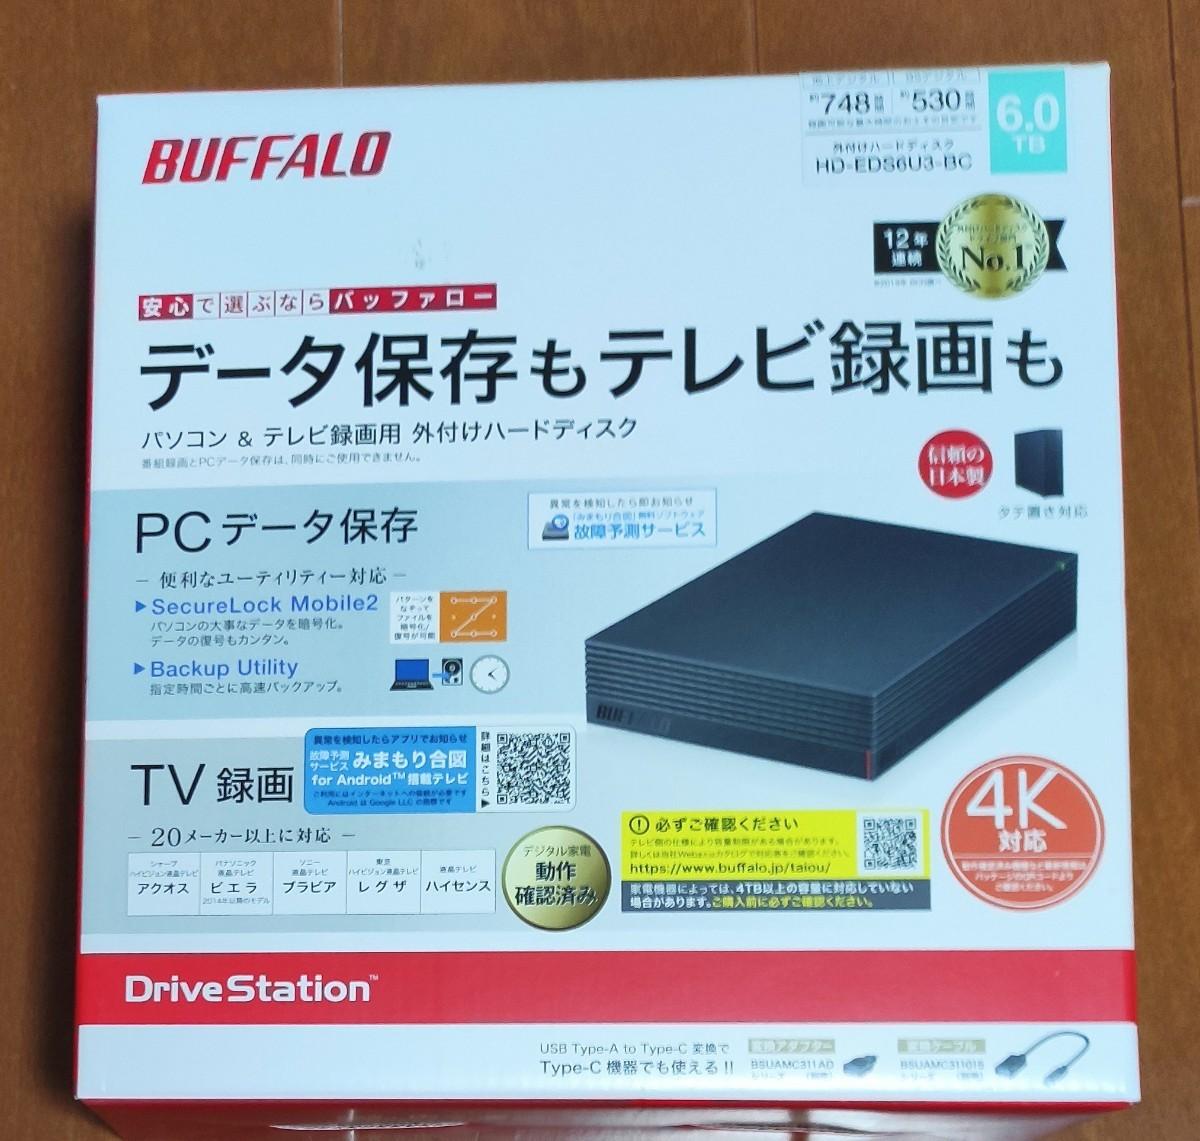 新品未開封品6TB 外付けハードディスク BUFFALO